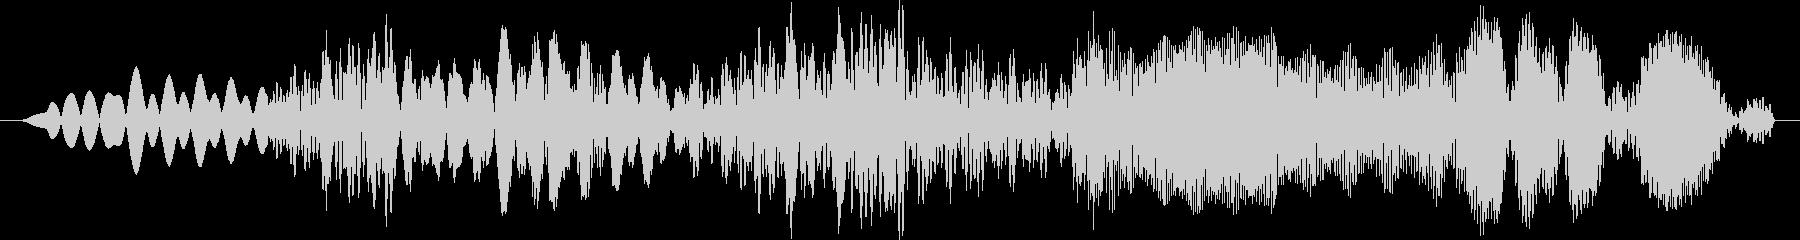 きしみ音のコンピューターデータまた...の未再生の波形